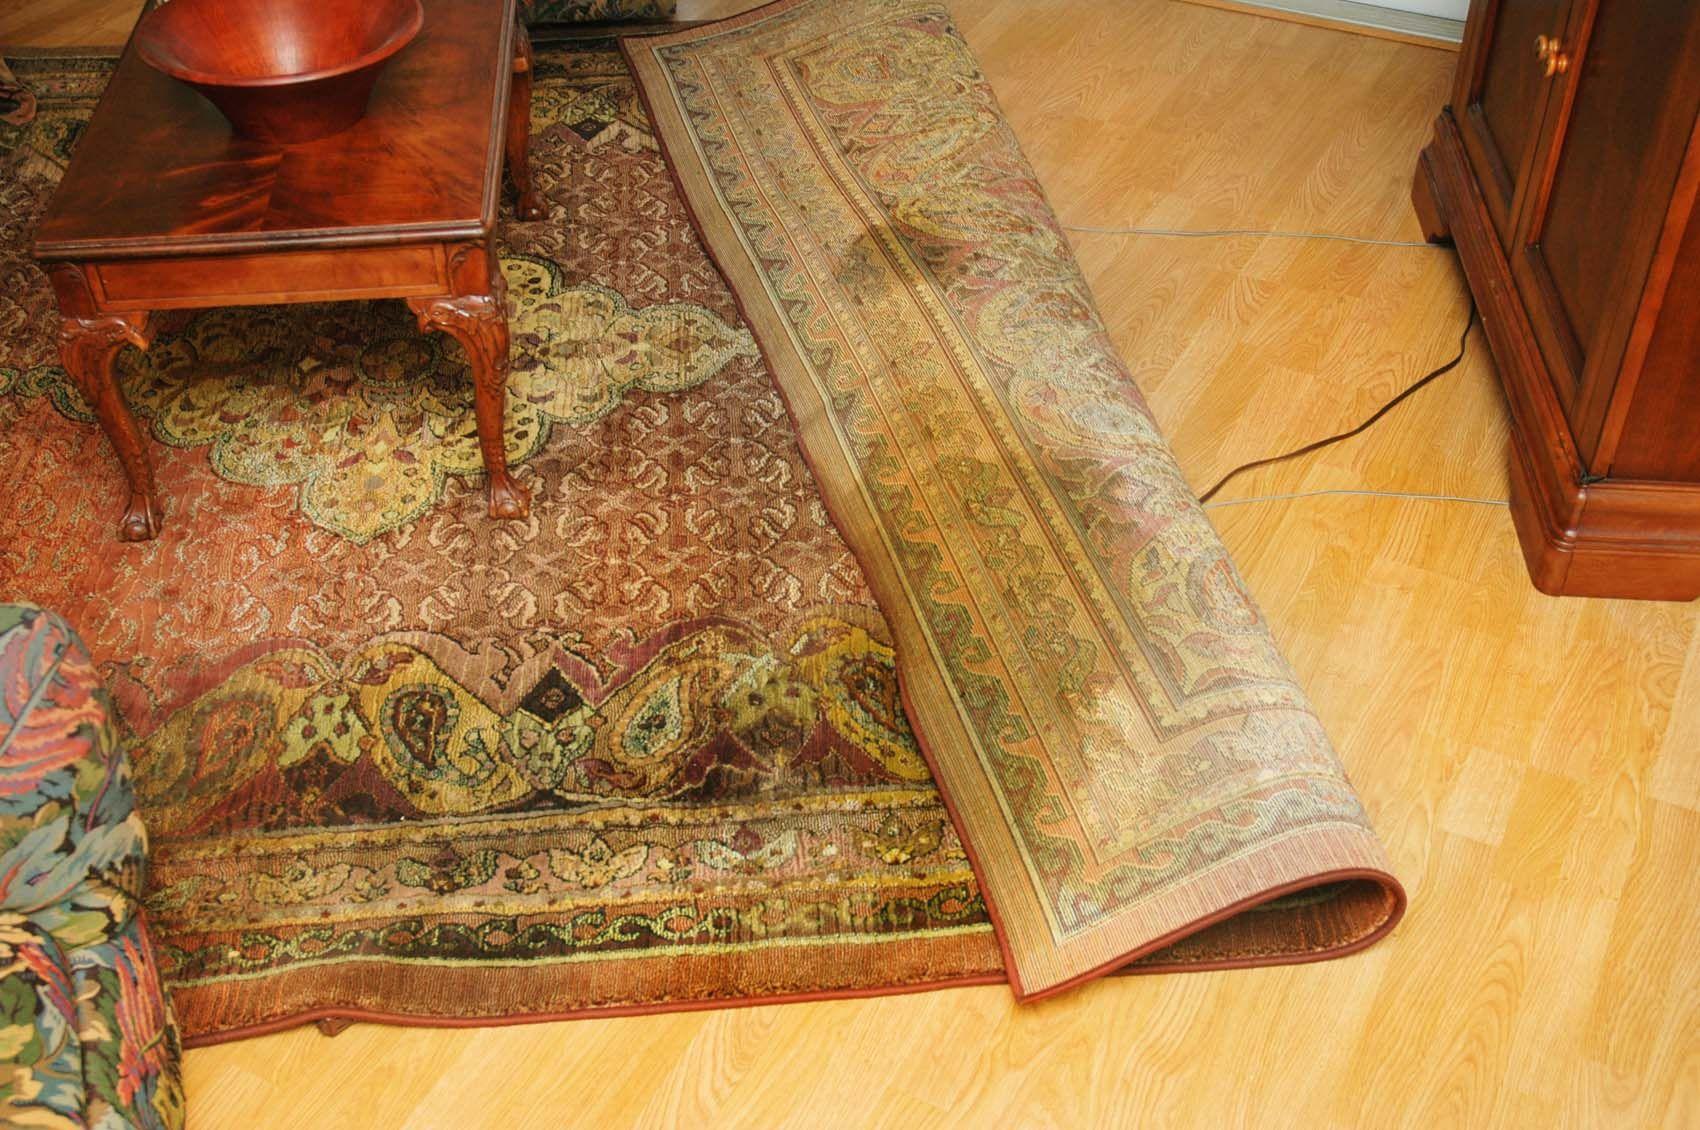 Pin by De Best Carpet on Carpet Ideas | Clean wool rug, Rugs, Wool rug